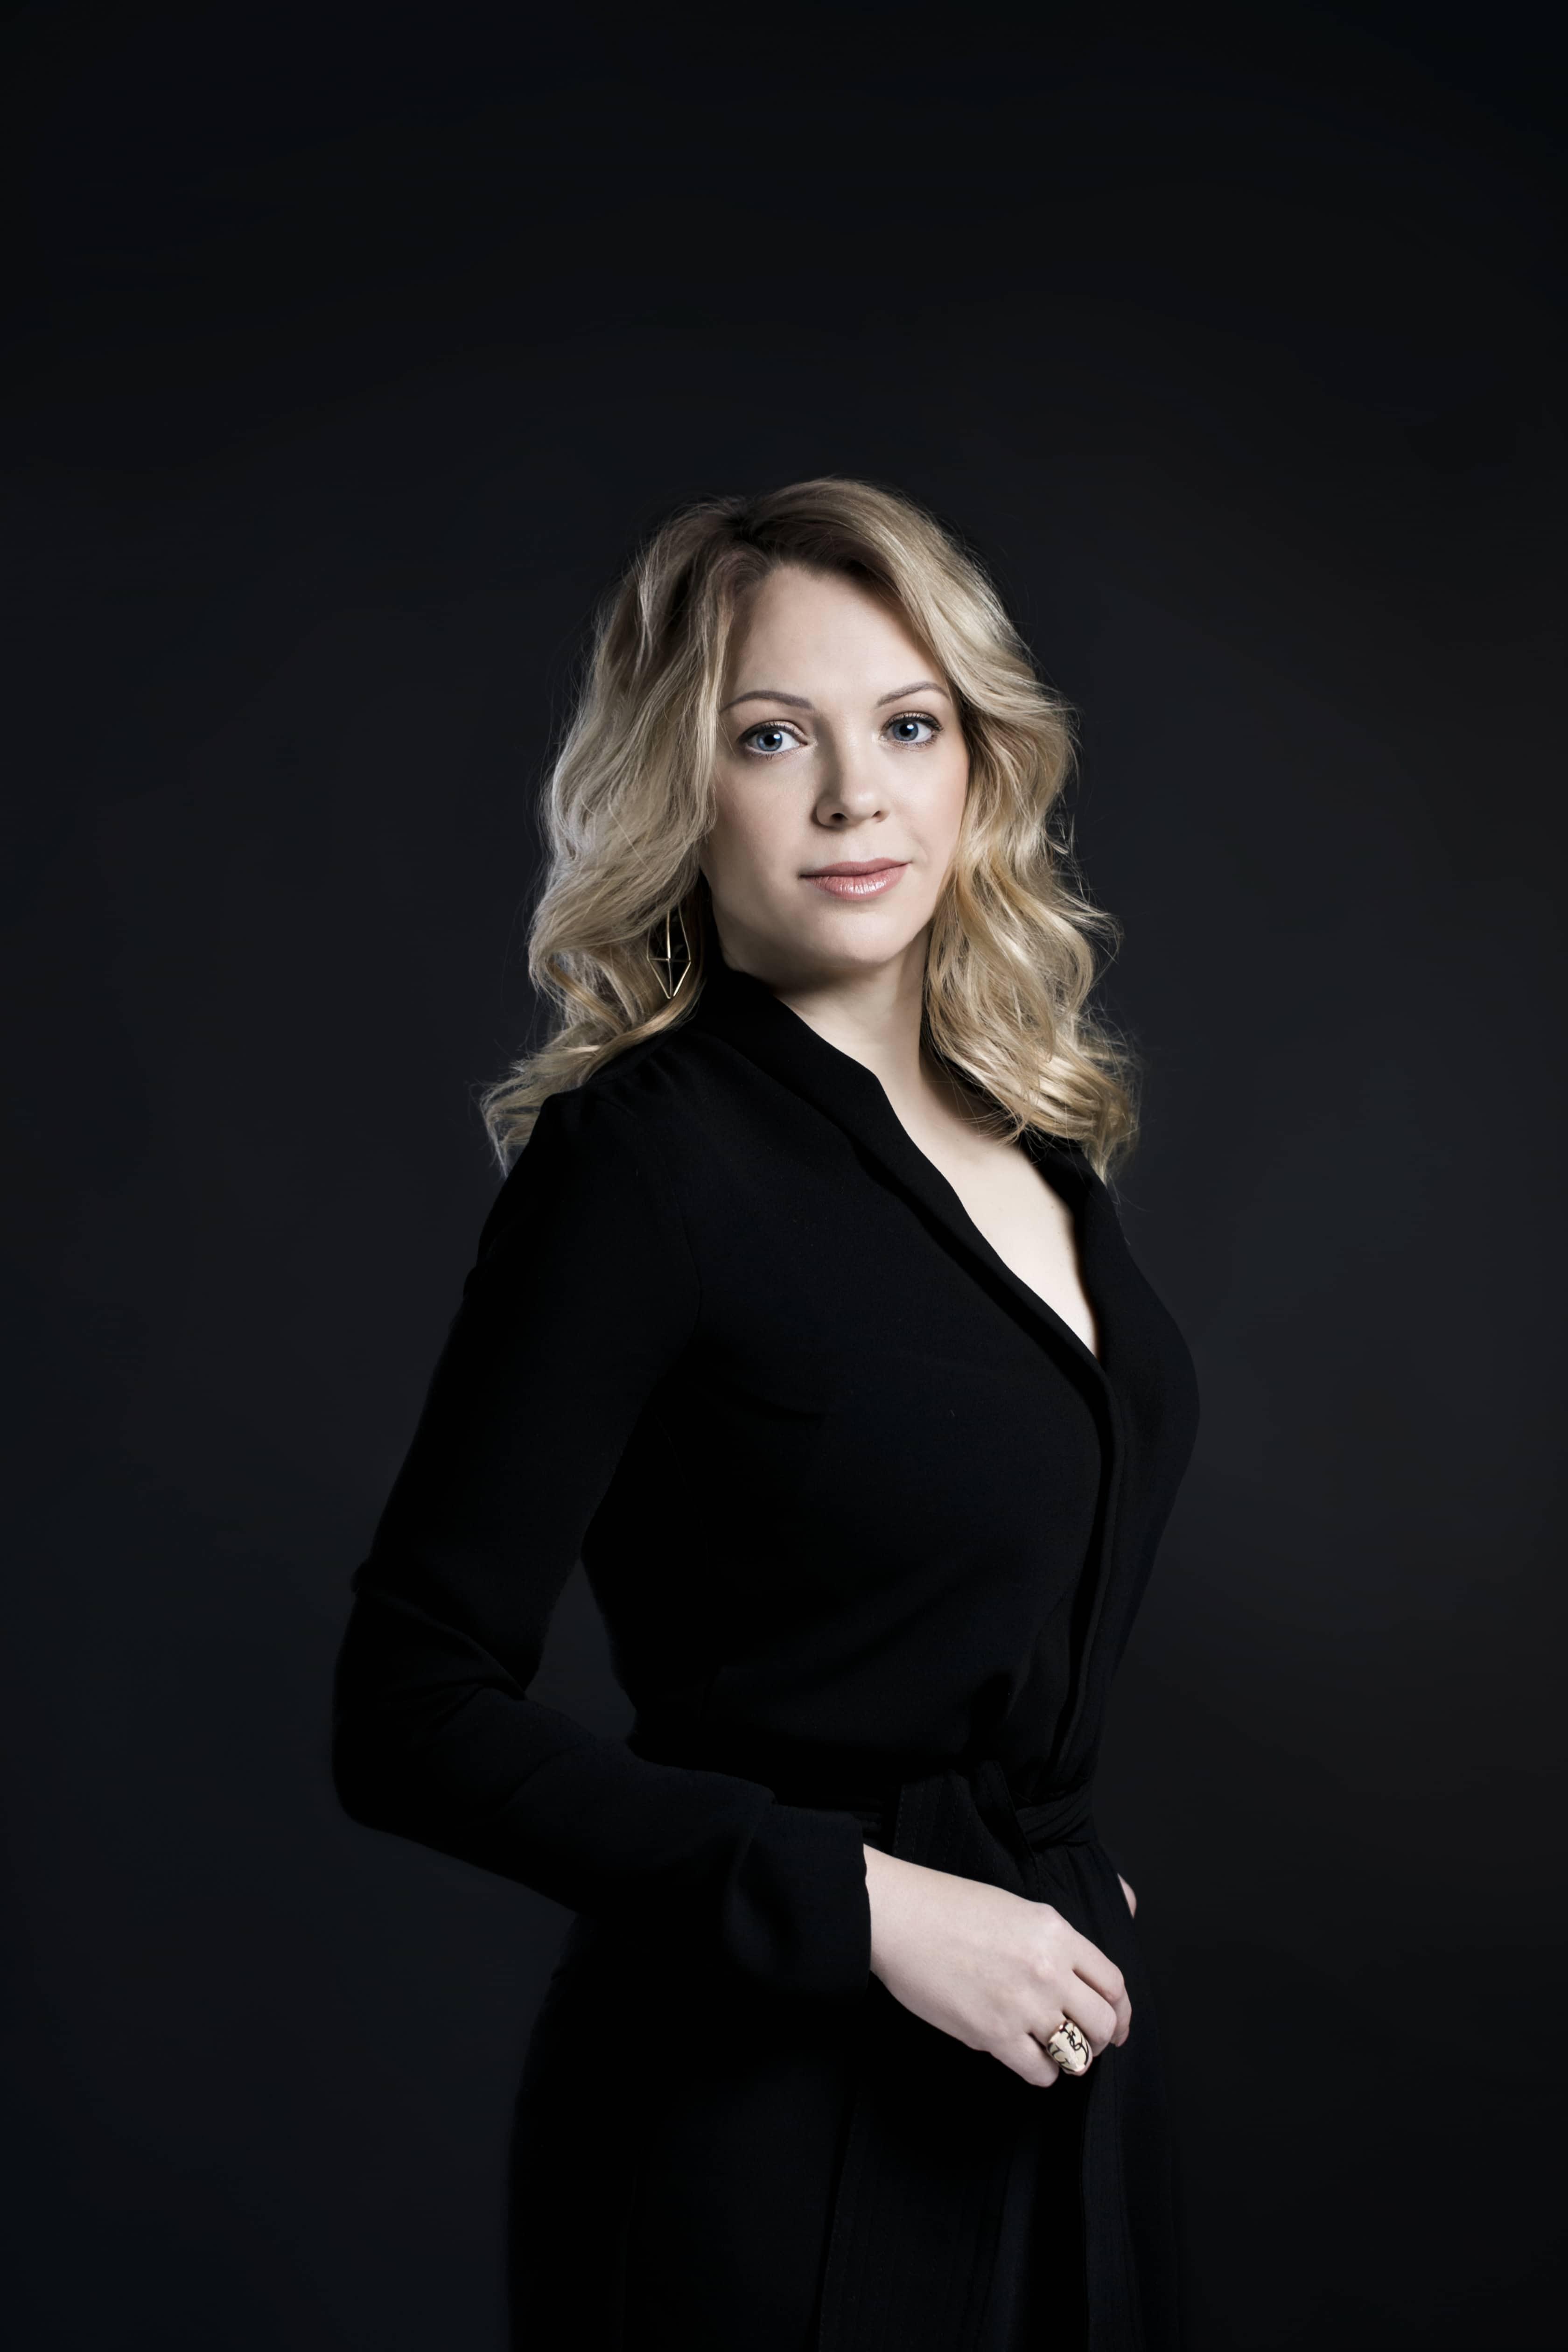 """Надежда Омельченко: """"Женщина, работающая в IT-сфере, еще воспринимается больше как исключение, чем правило""""-Фото 5"""